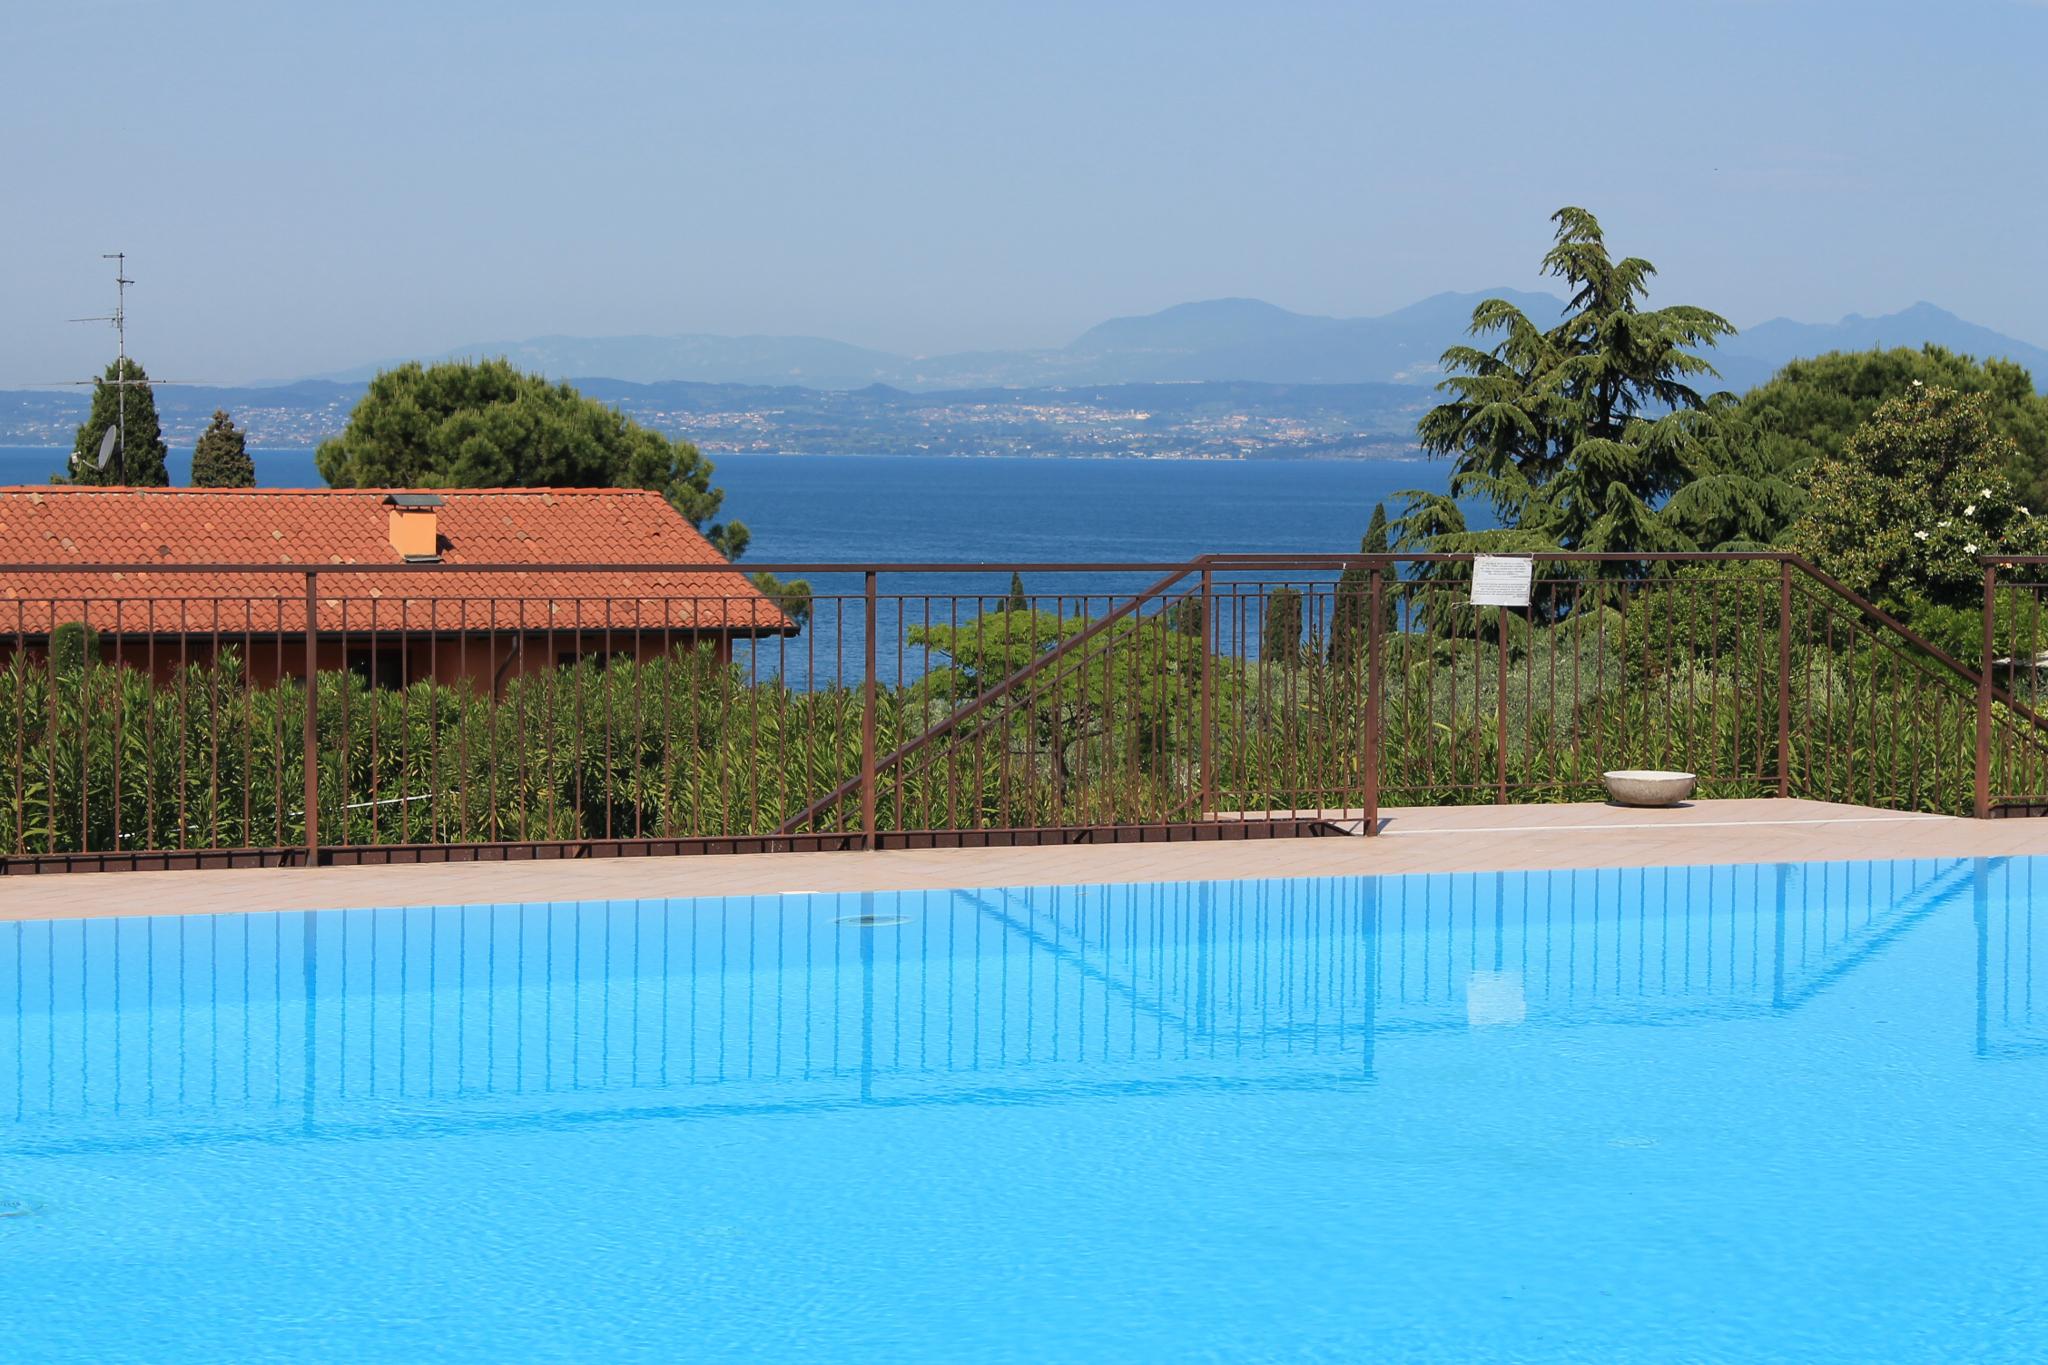 Ferienwohnung con terrazza (488452), Lazise, Gardasee, Venetien, Italien, Bild 9